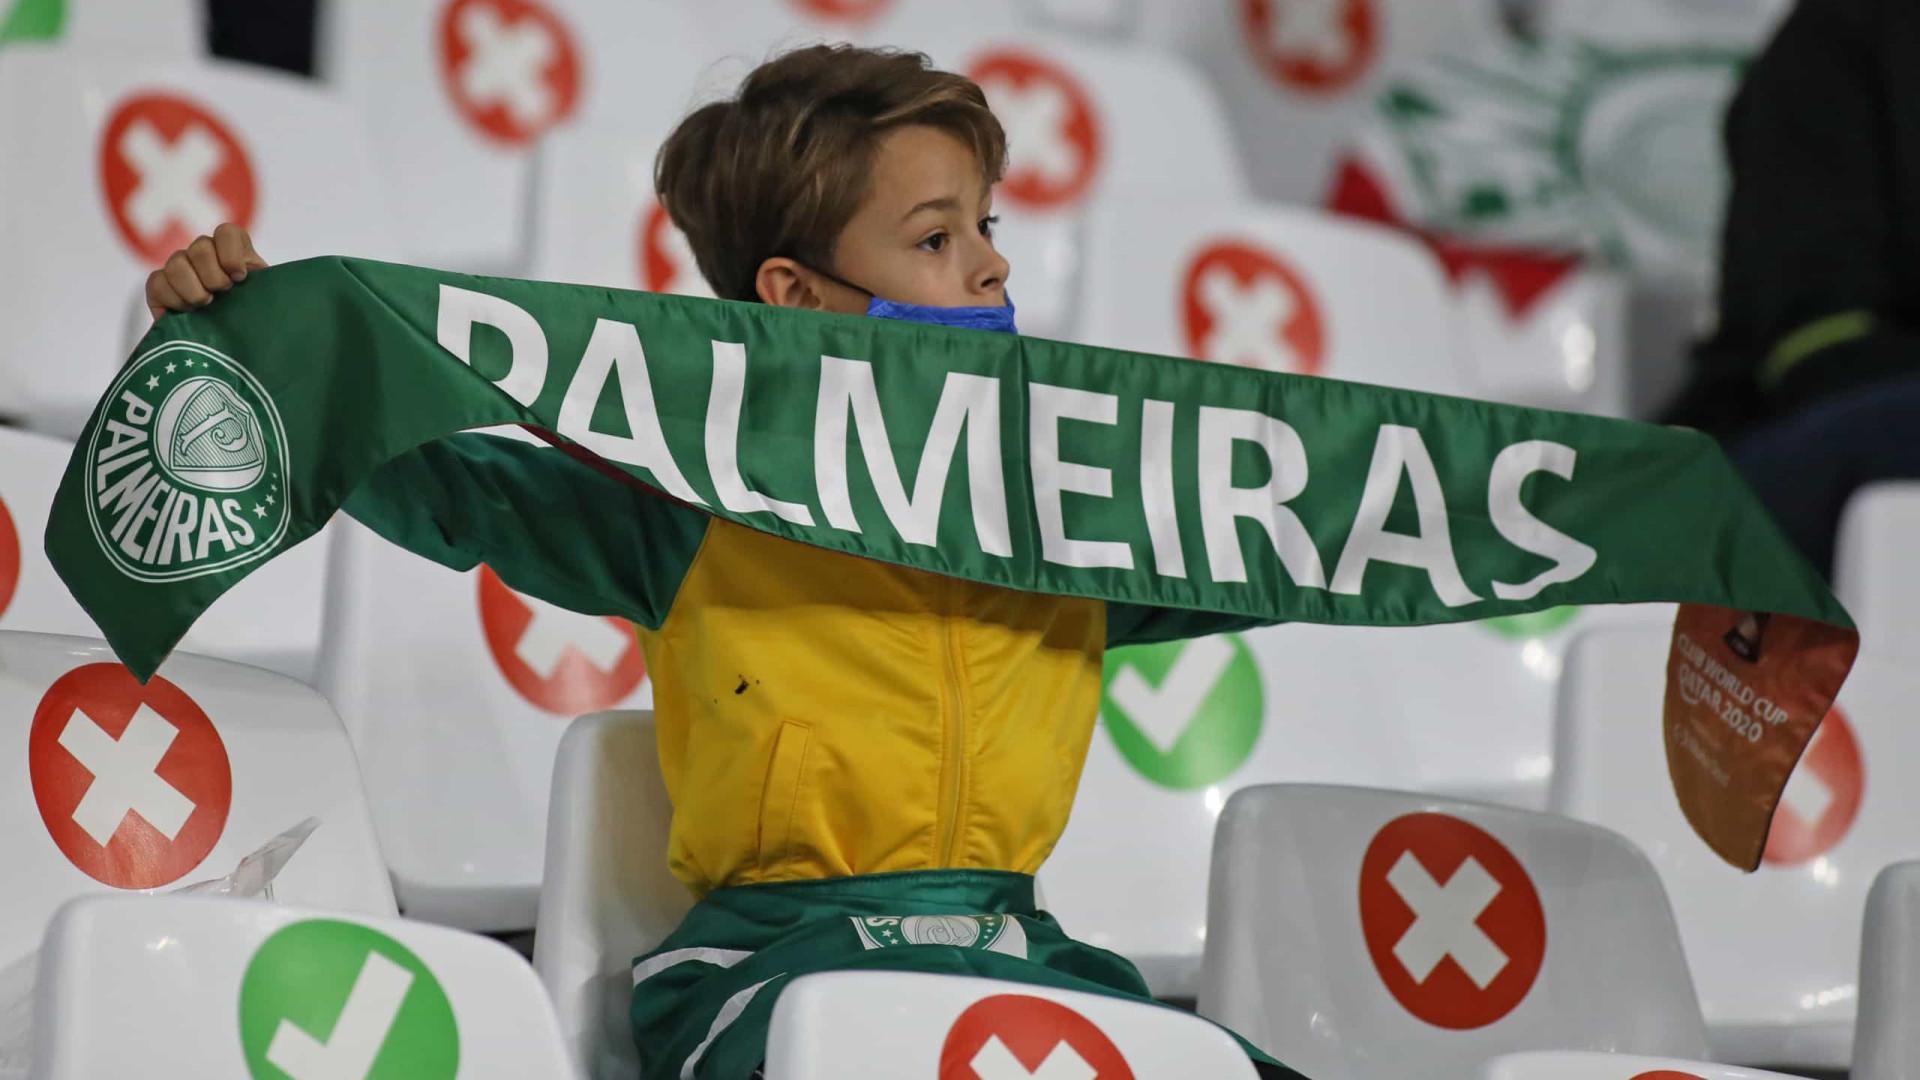 Pensando no futuro, Palmeiras joga no Mundial para elevar moral na Copa do Brasil